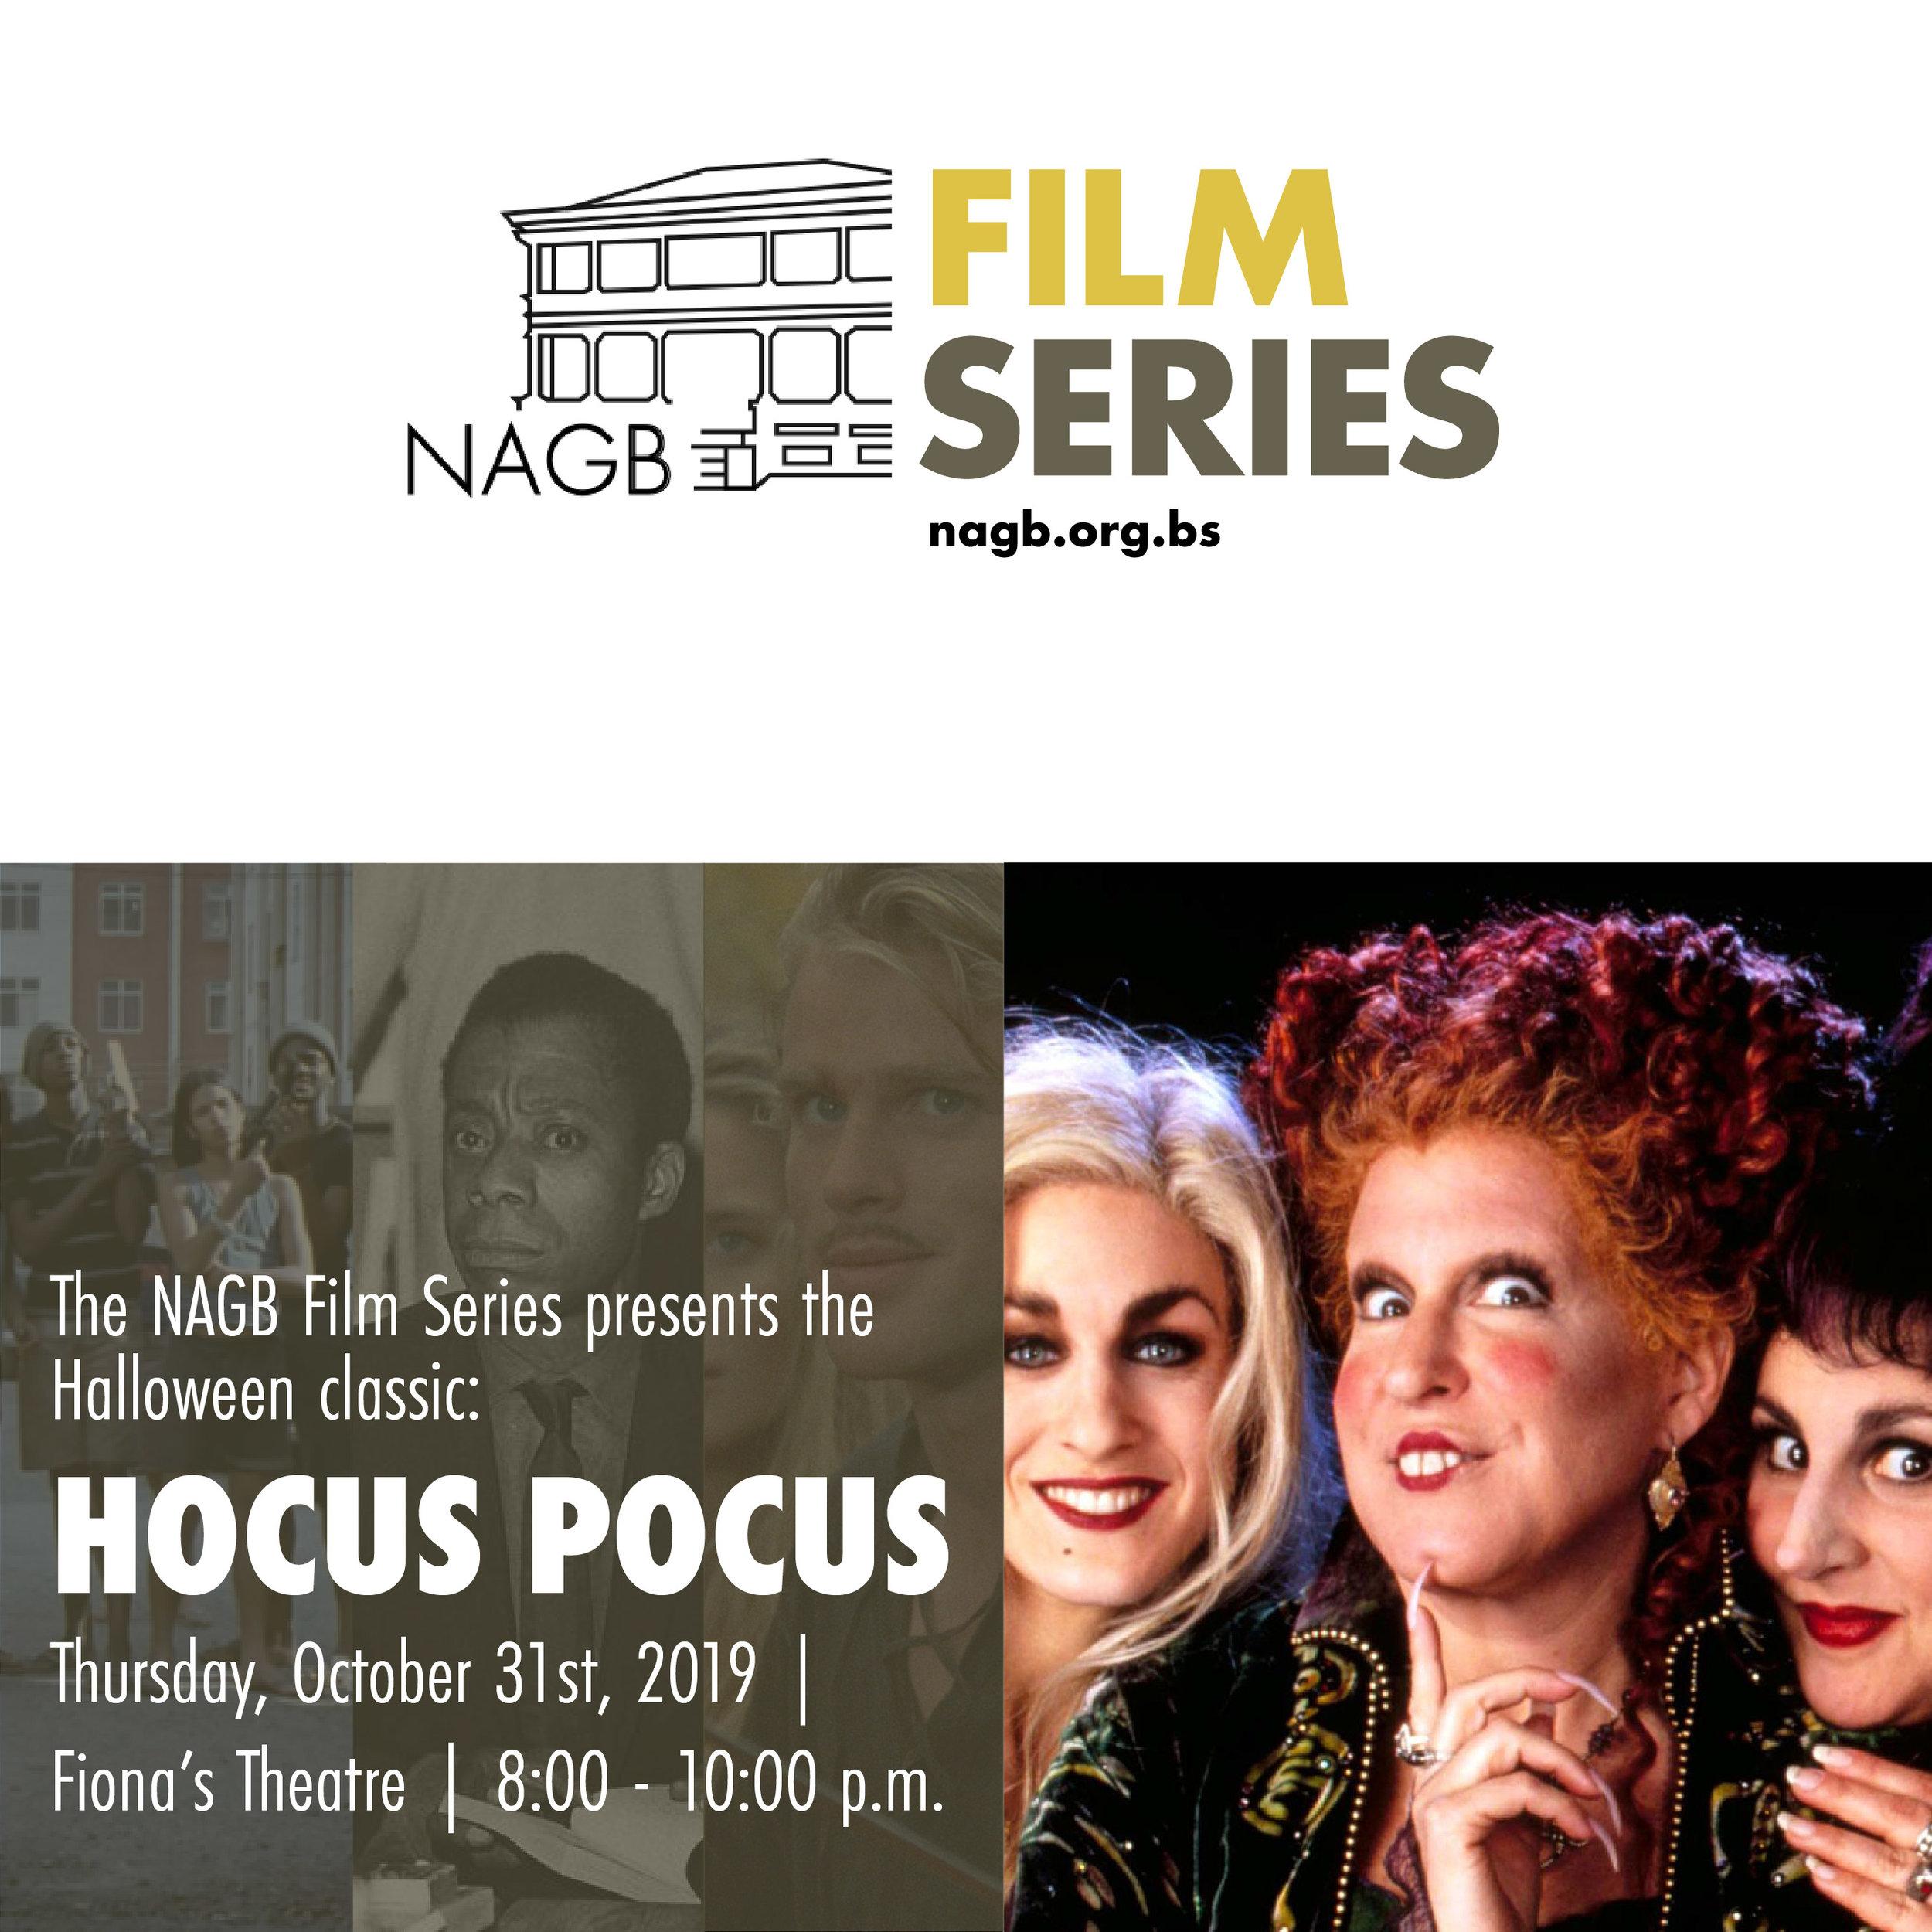 FilmSeries_October_Hocus_Pocus-01.jpg